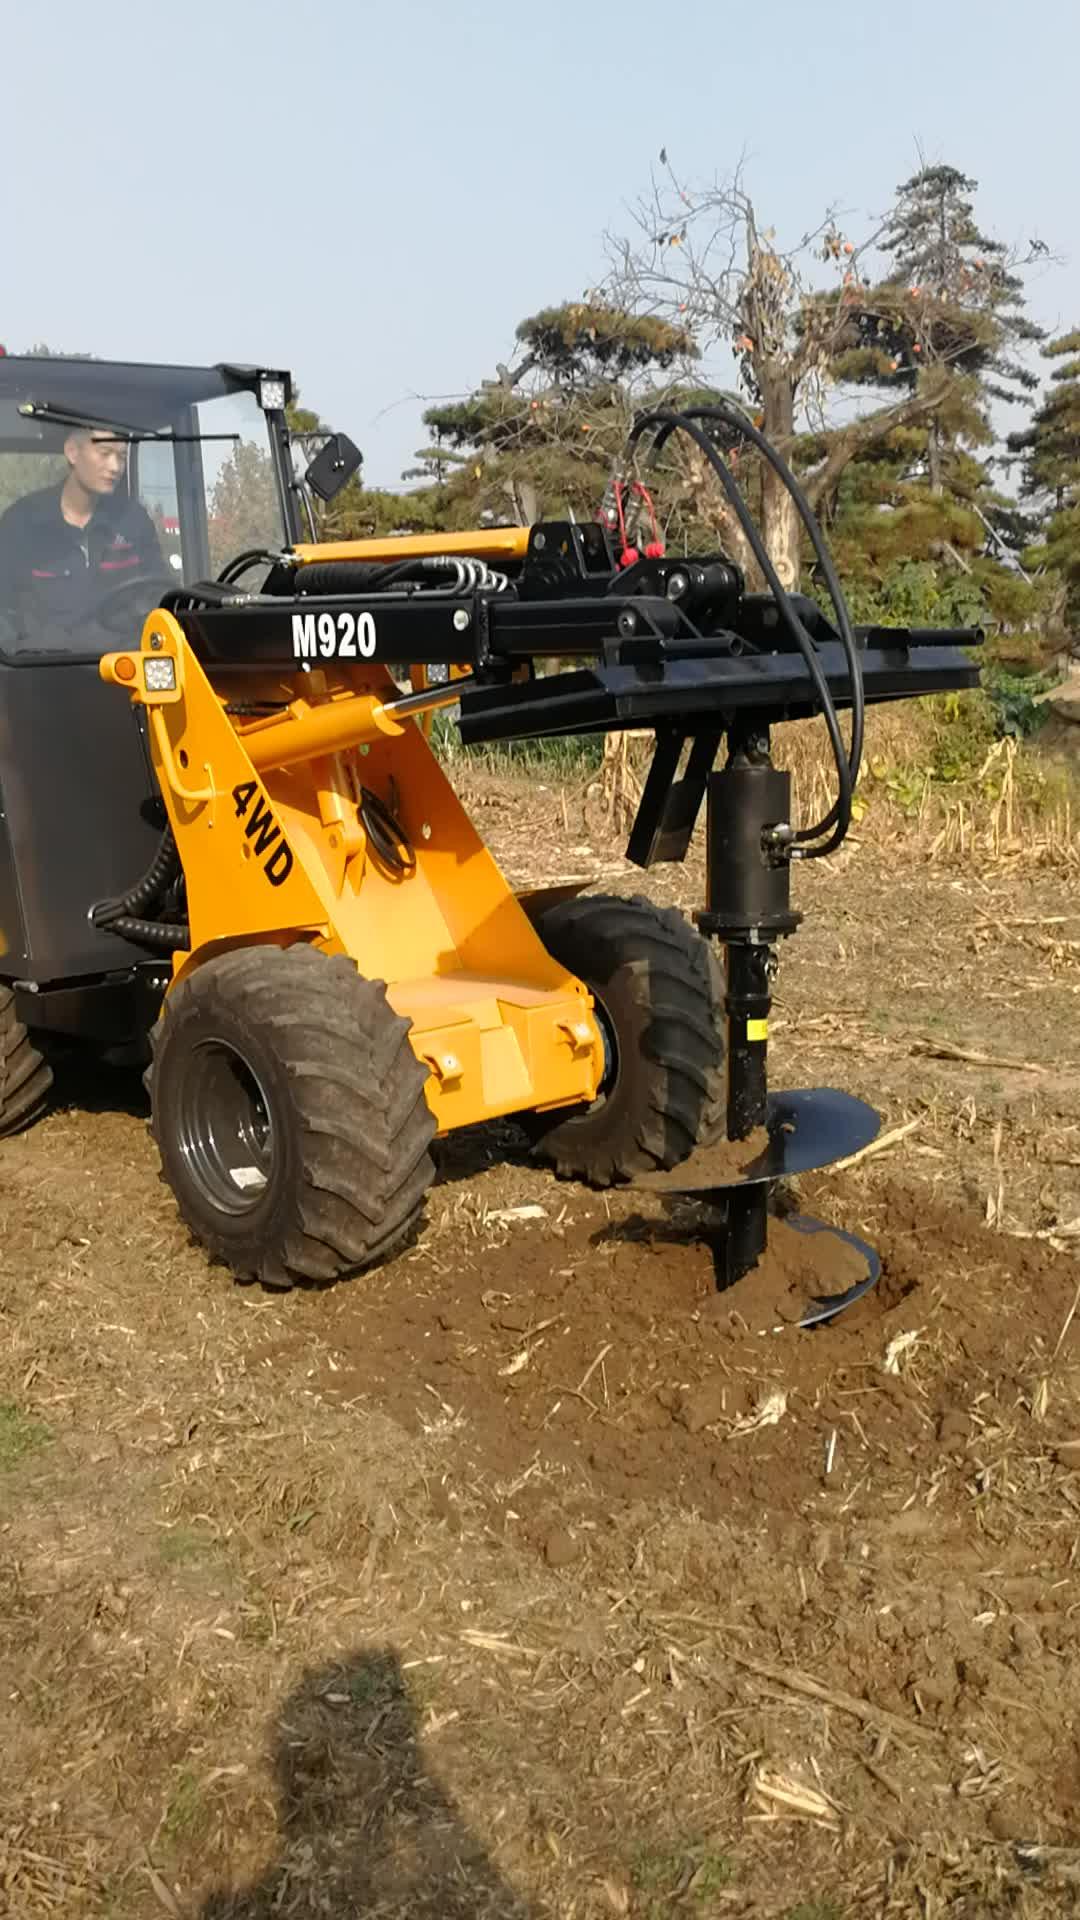 earth auger augers drilling wheel loader zl920 for bob cat skid loader